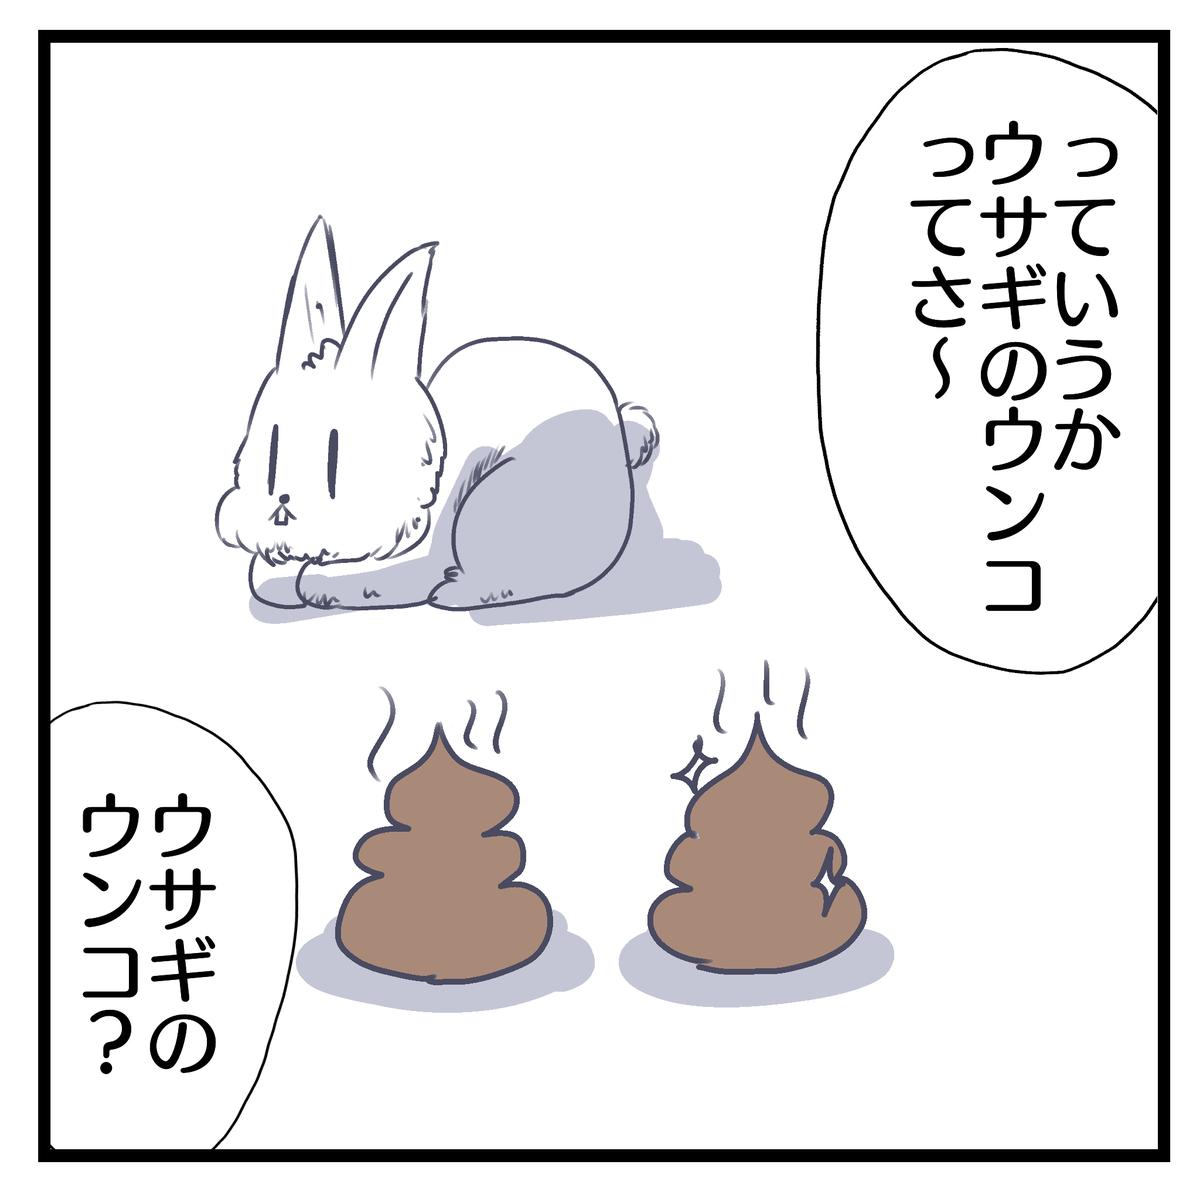 f:id:YuruFuwaTa:20200526153214p:plain